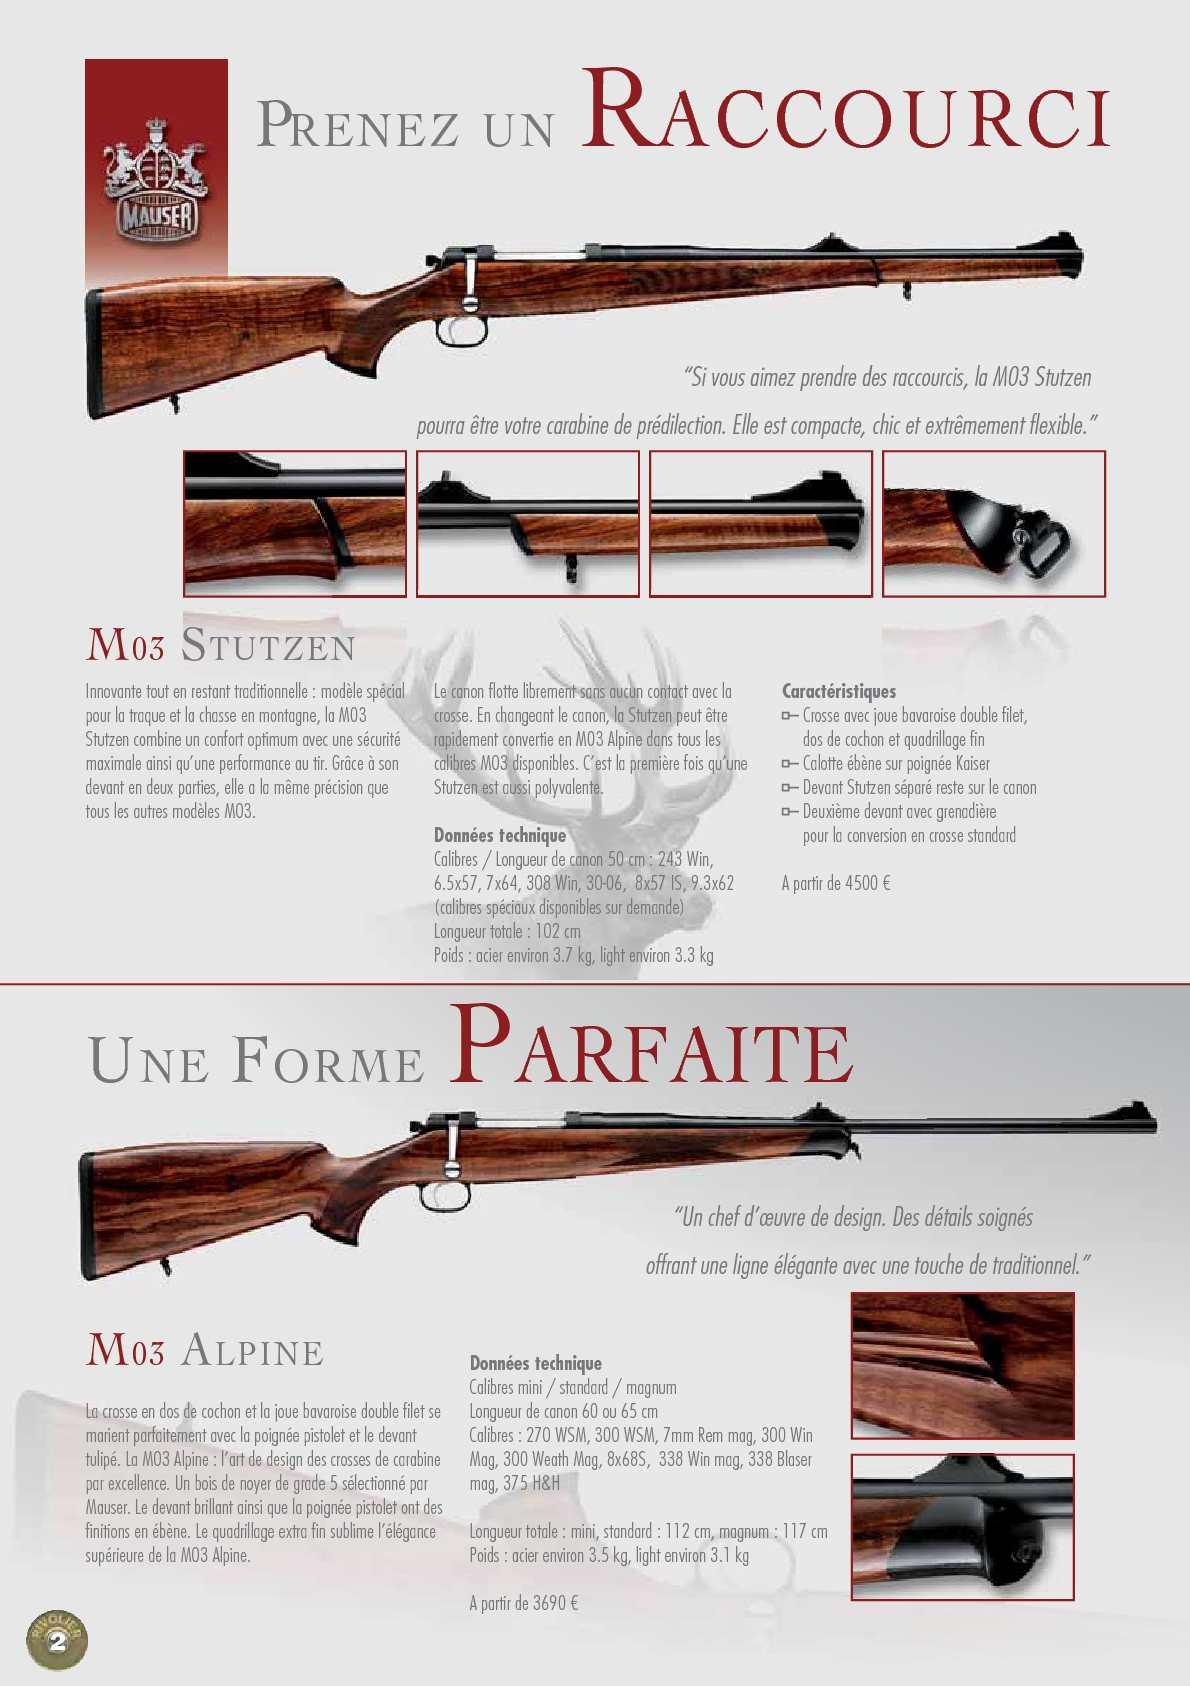 Calaméo - Catalogue Mauser 2010 / 2011